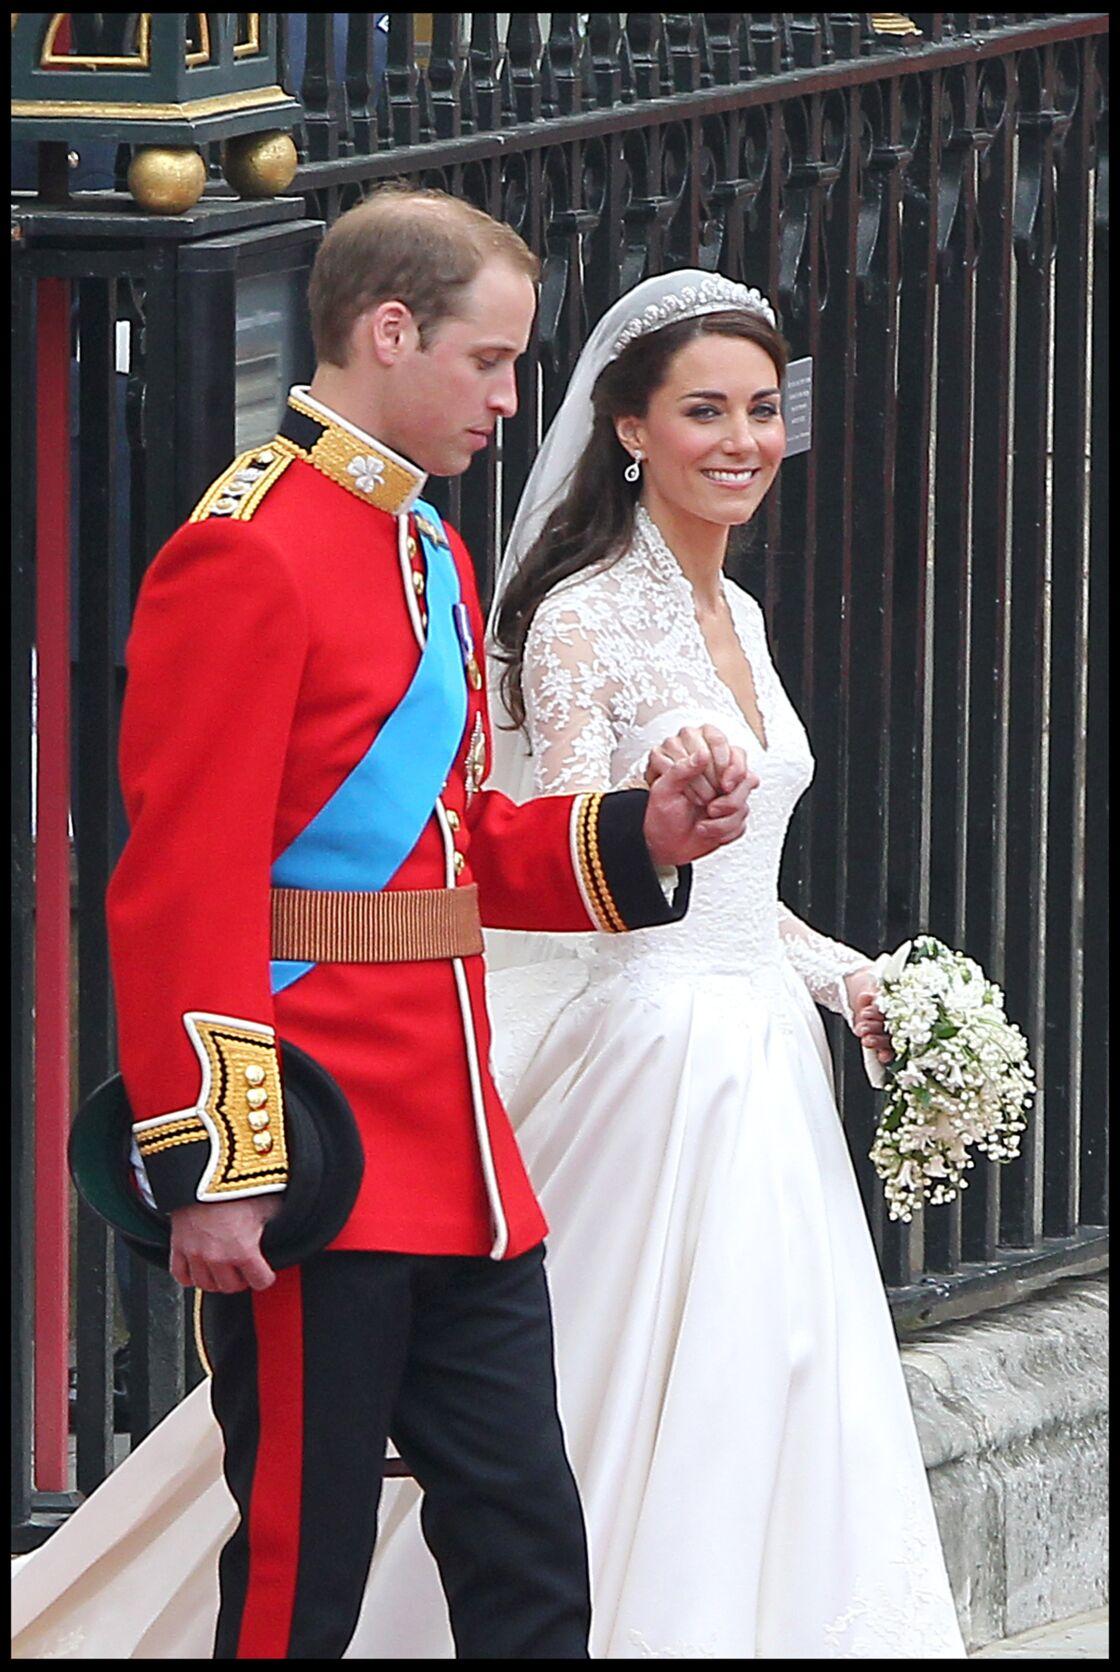 William et Kate Middleton lors de leur mariage